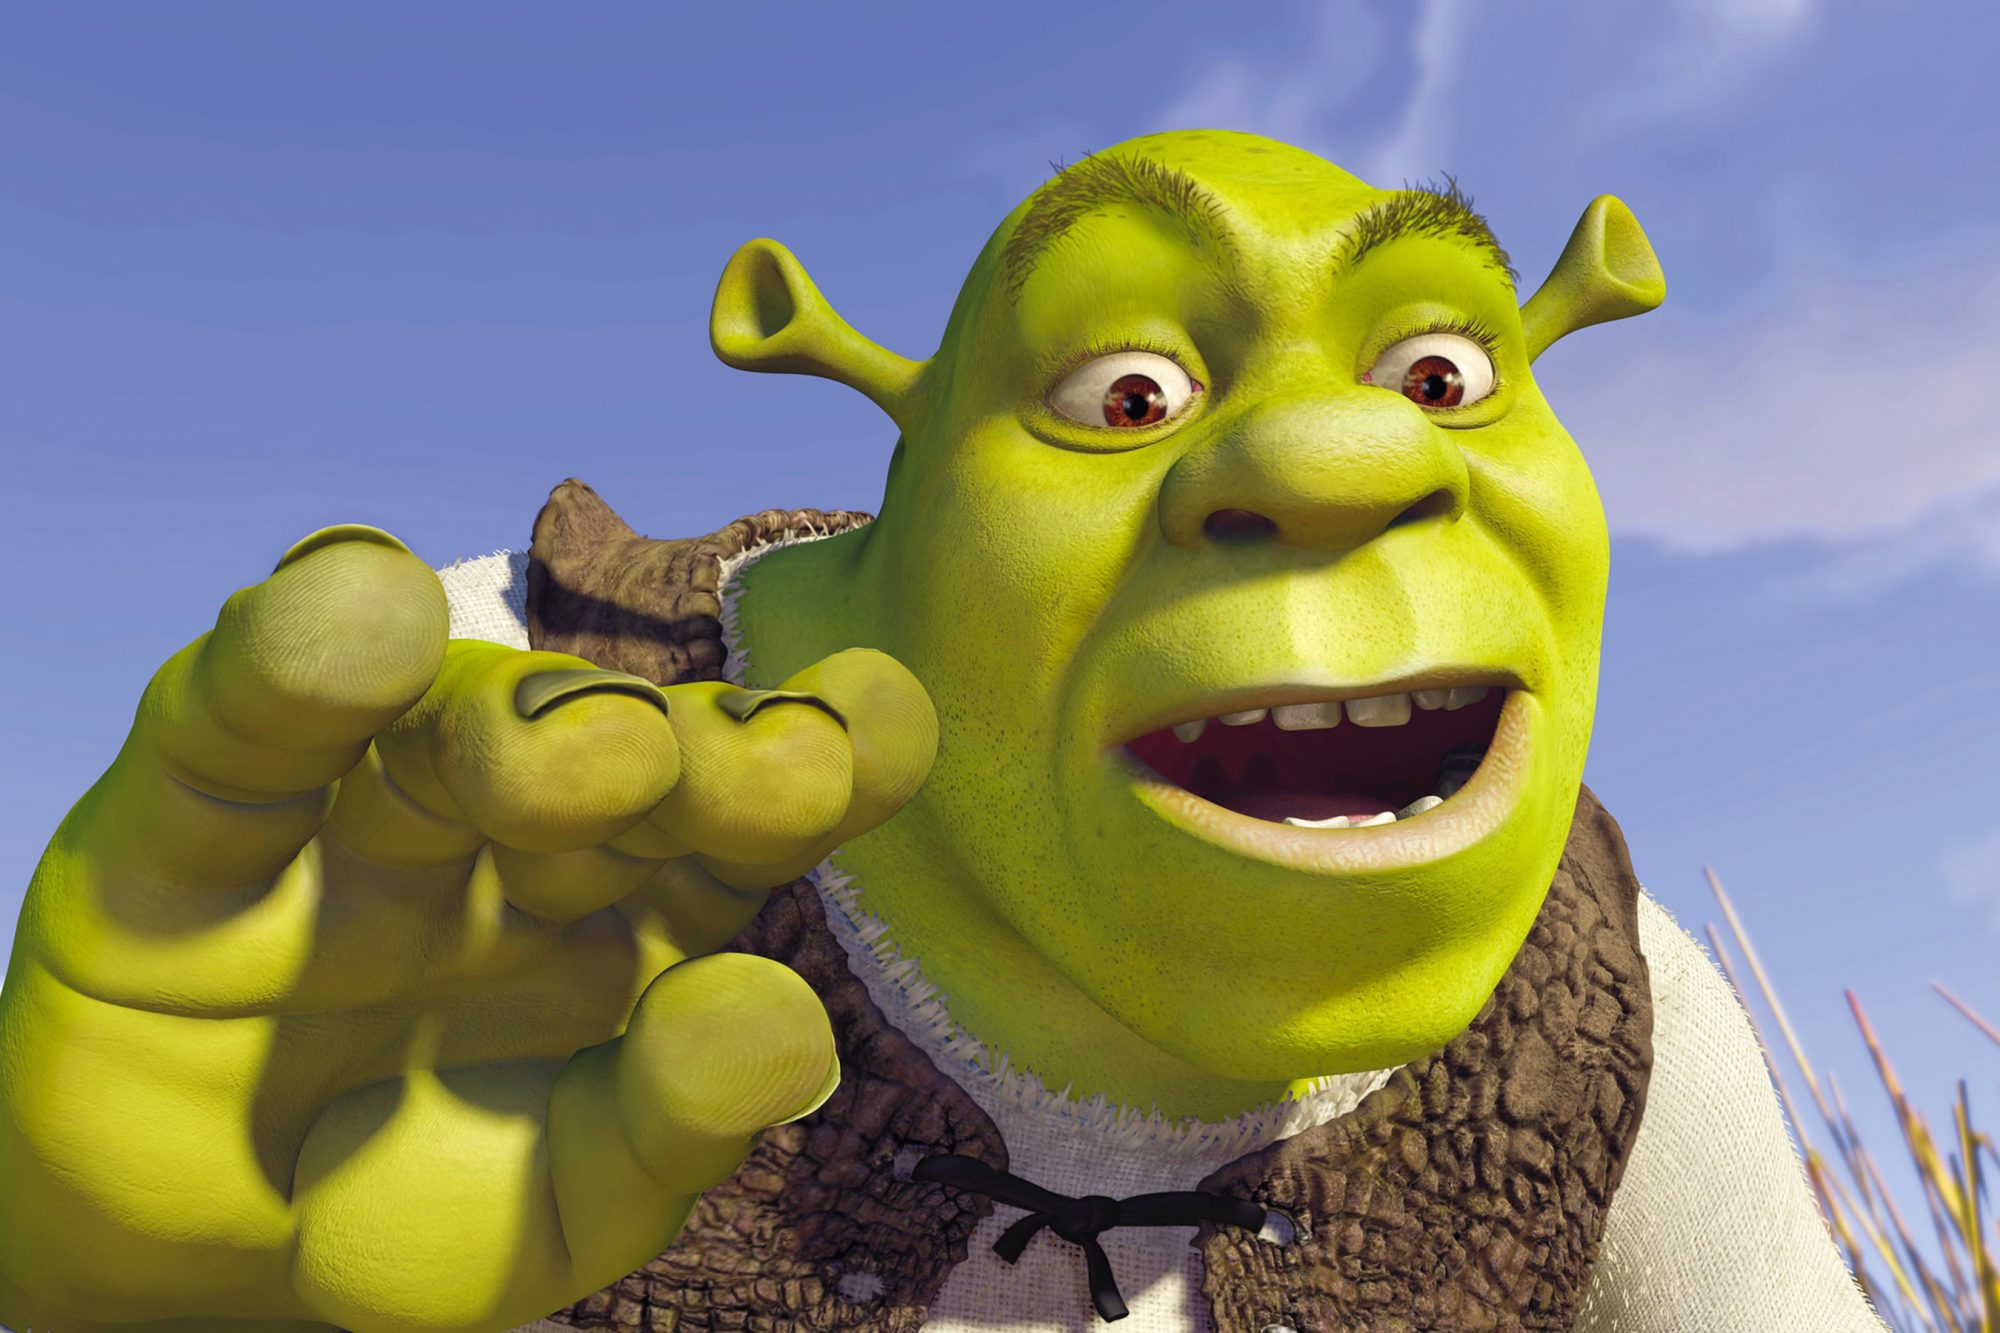 SHREK, Mike Myers as Shrek, 2001. ©DreamWorks/courtesy Everett